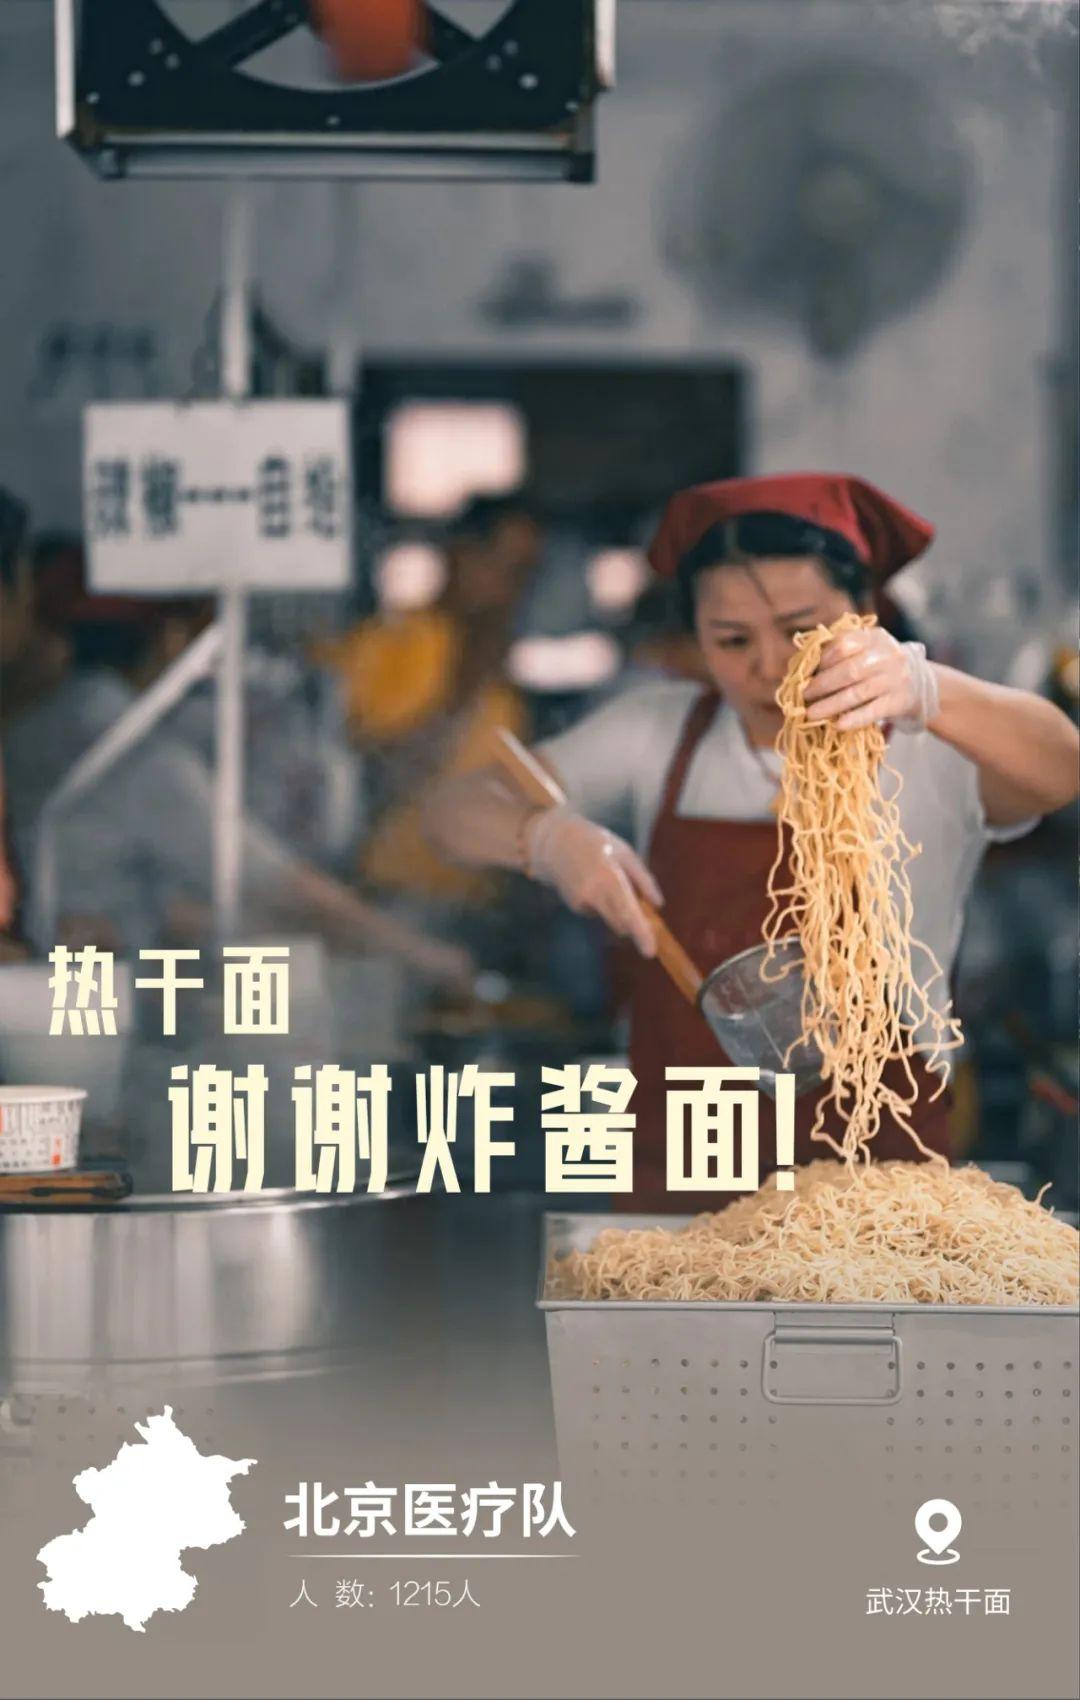 刷屏!武汉用32张城市海报向各地医疗队致敬!感谢你们曾为我们拼过命